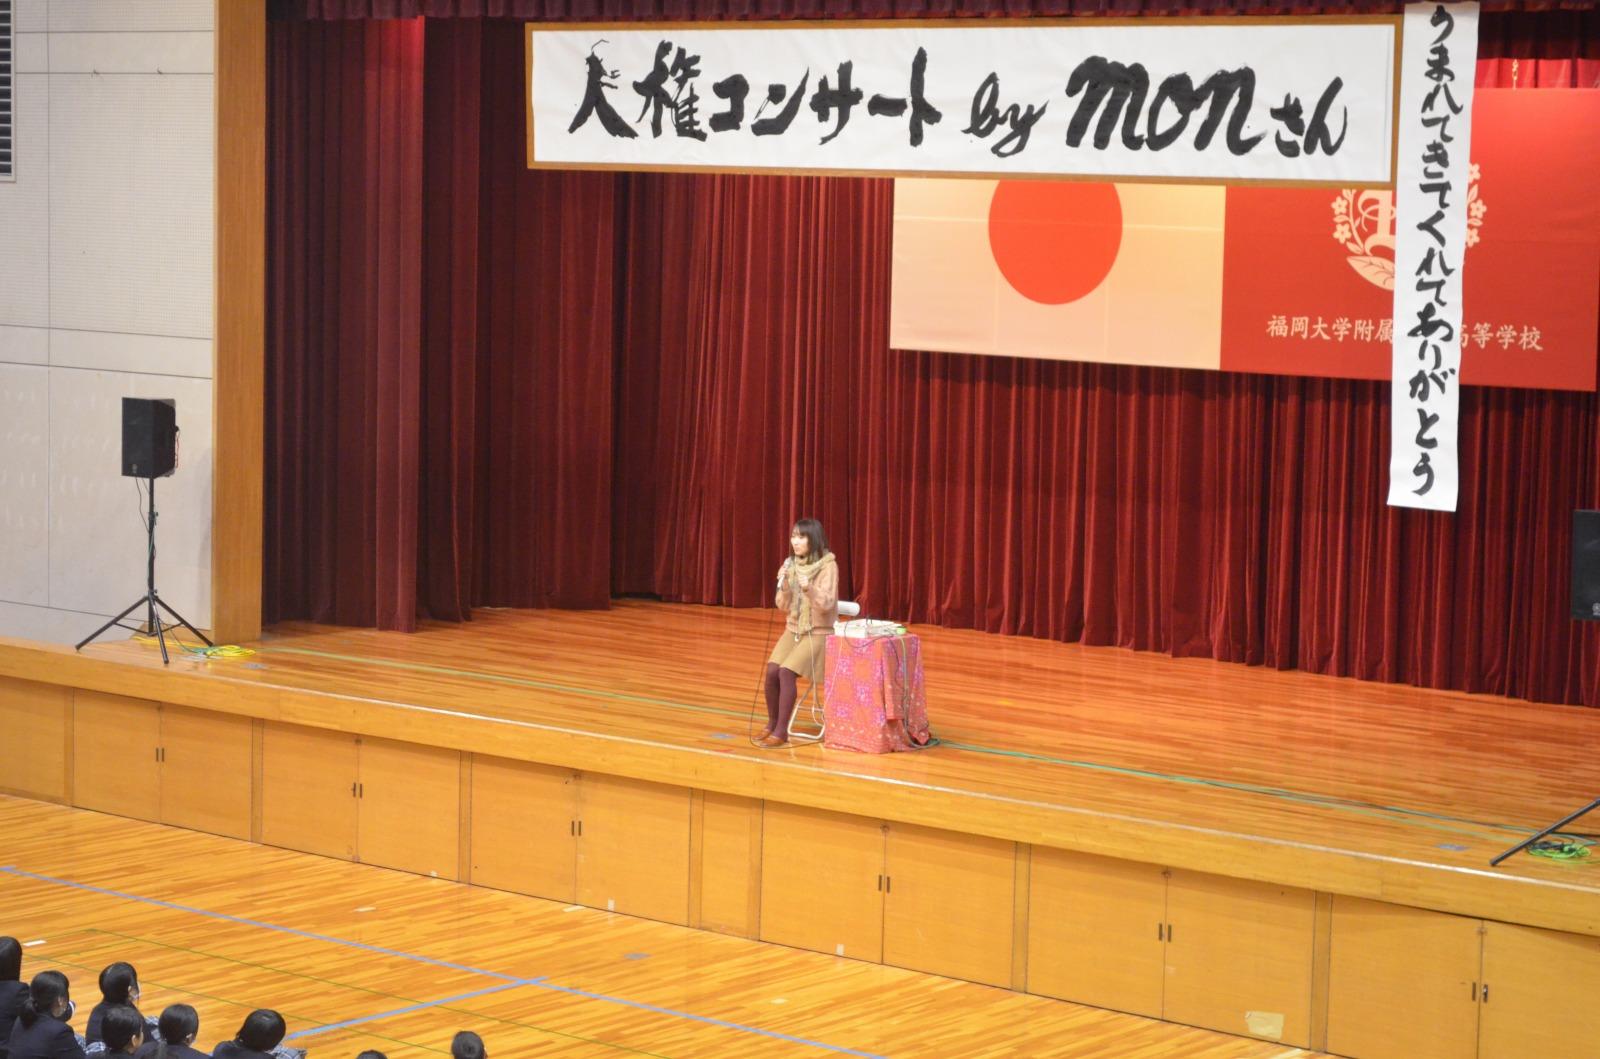 うまれてきてくれてありがとう福岡大学附属若葉高等学校